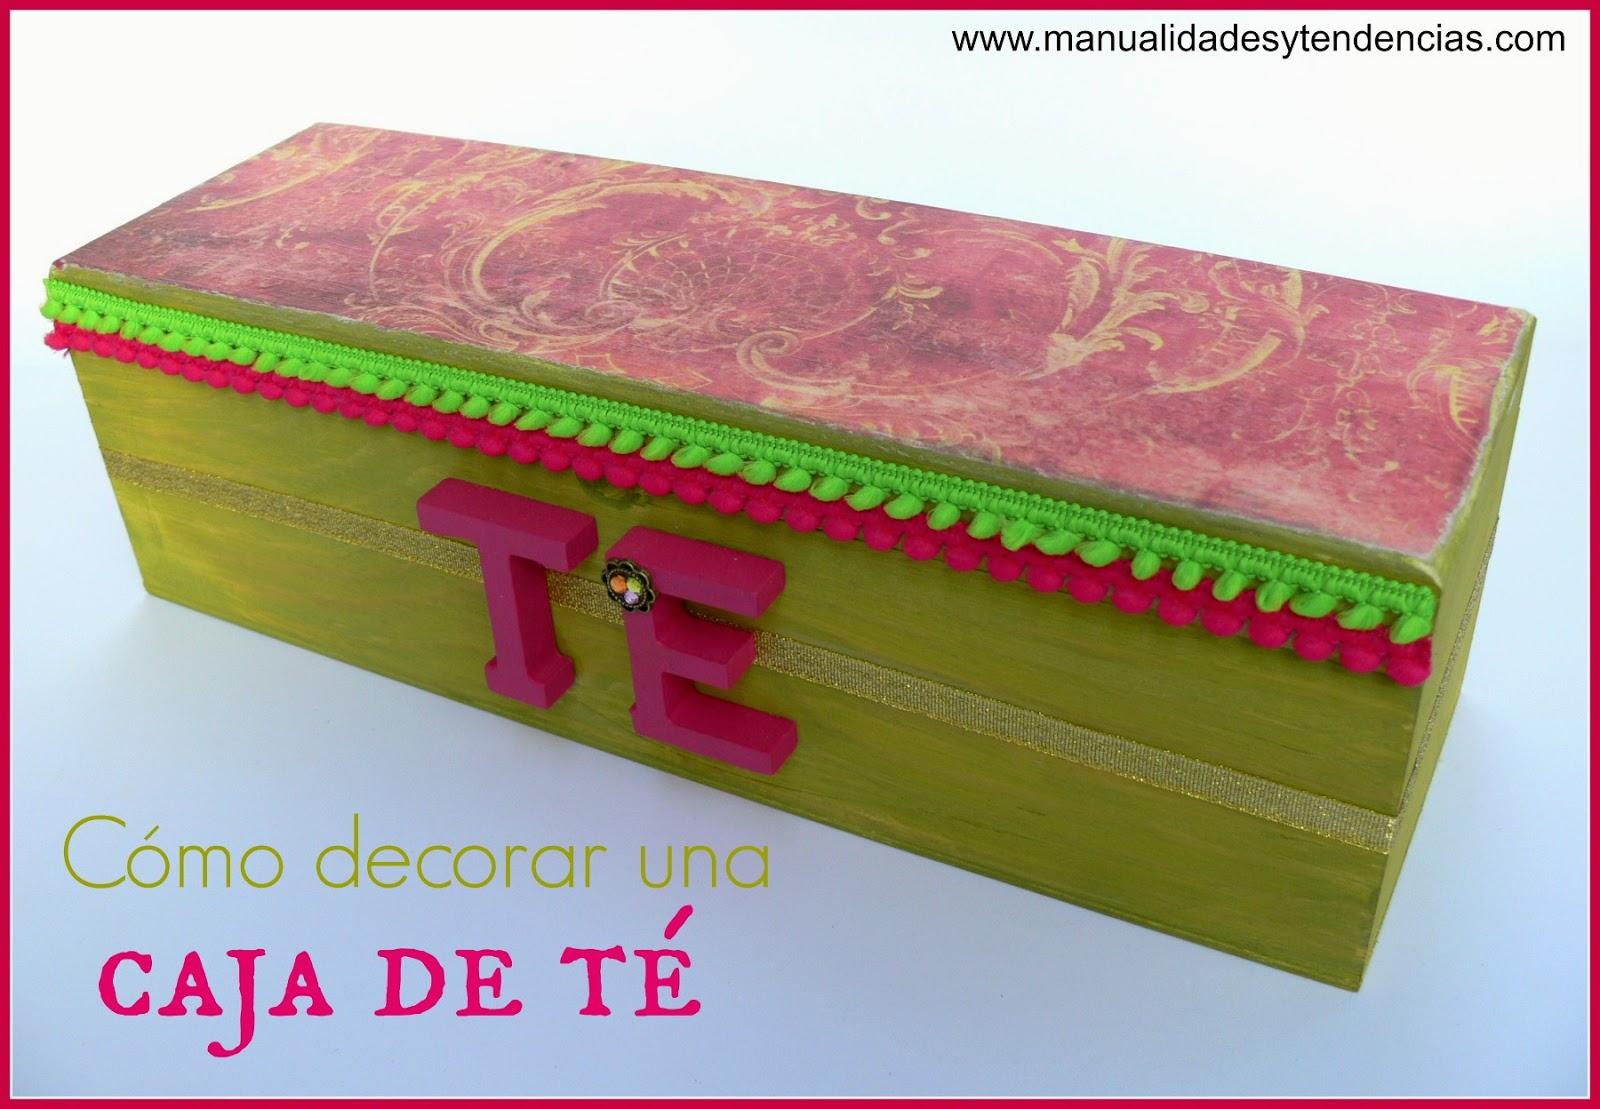 Manualidades y tendencias c mo decorar una caja de t - Como decorar una caja de madera ...